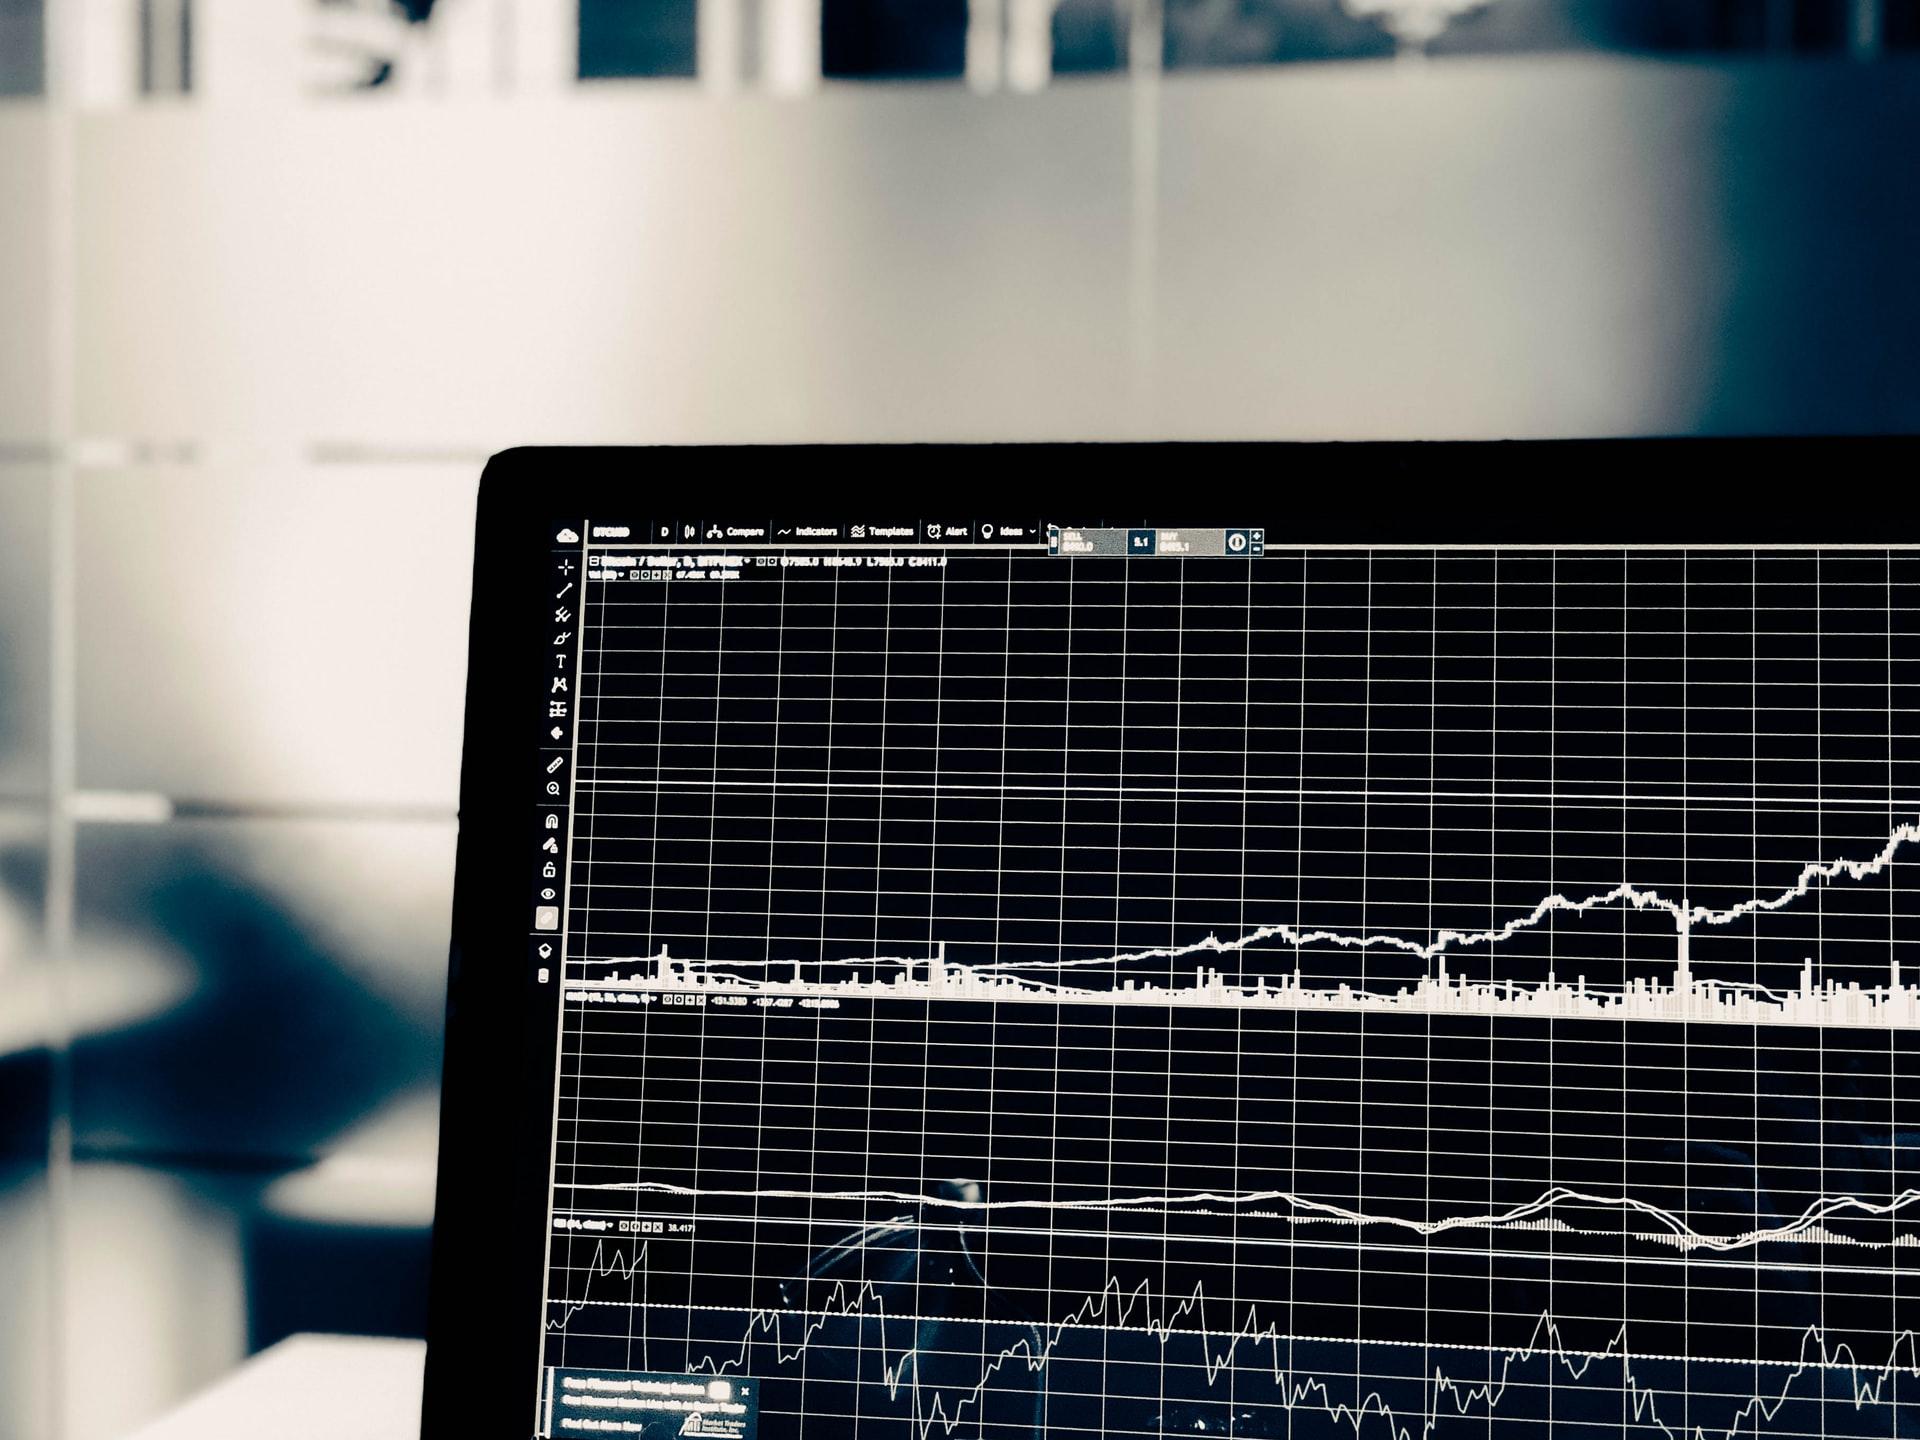 🤩 Обсяг торгів на FTX перевищив $400 млрд: що ще відомо про криптобіржу